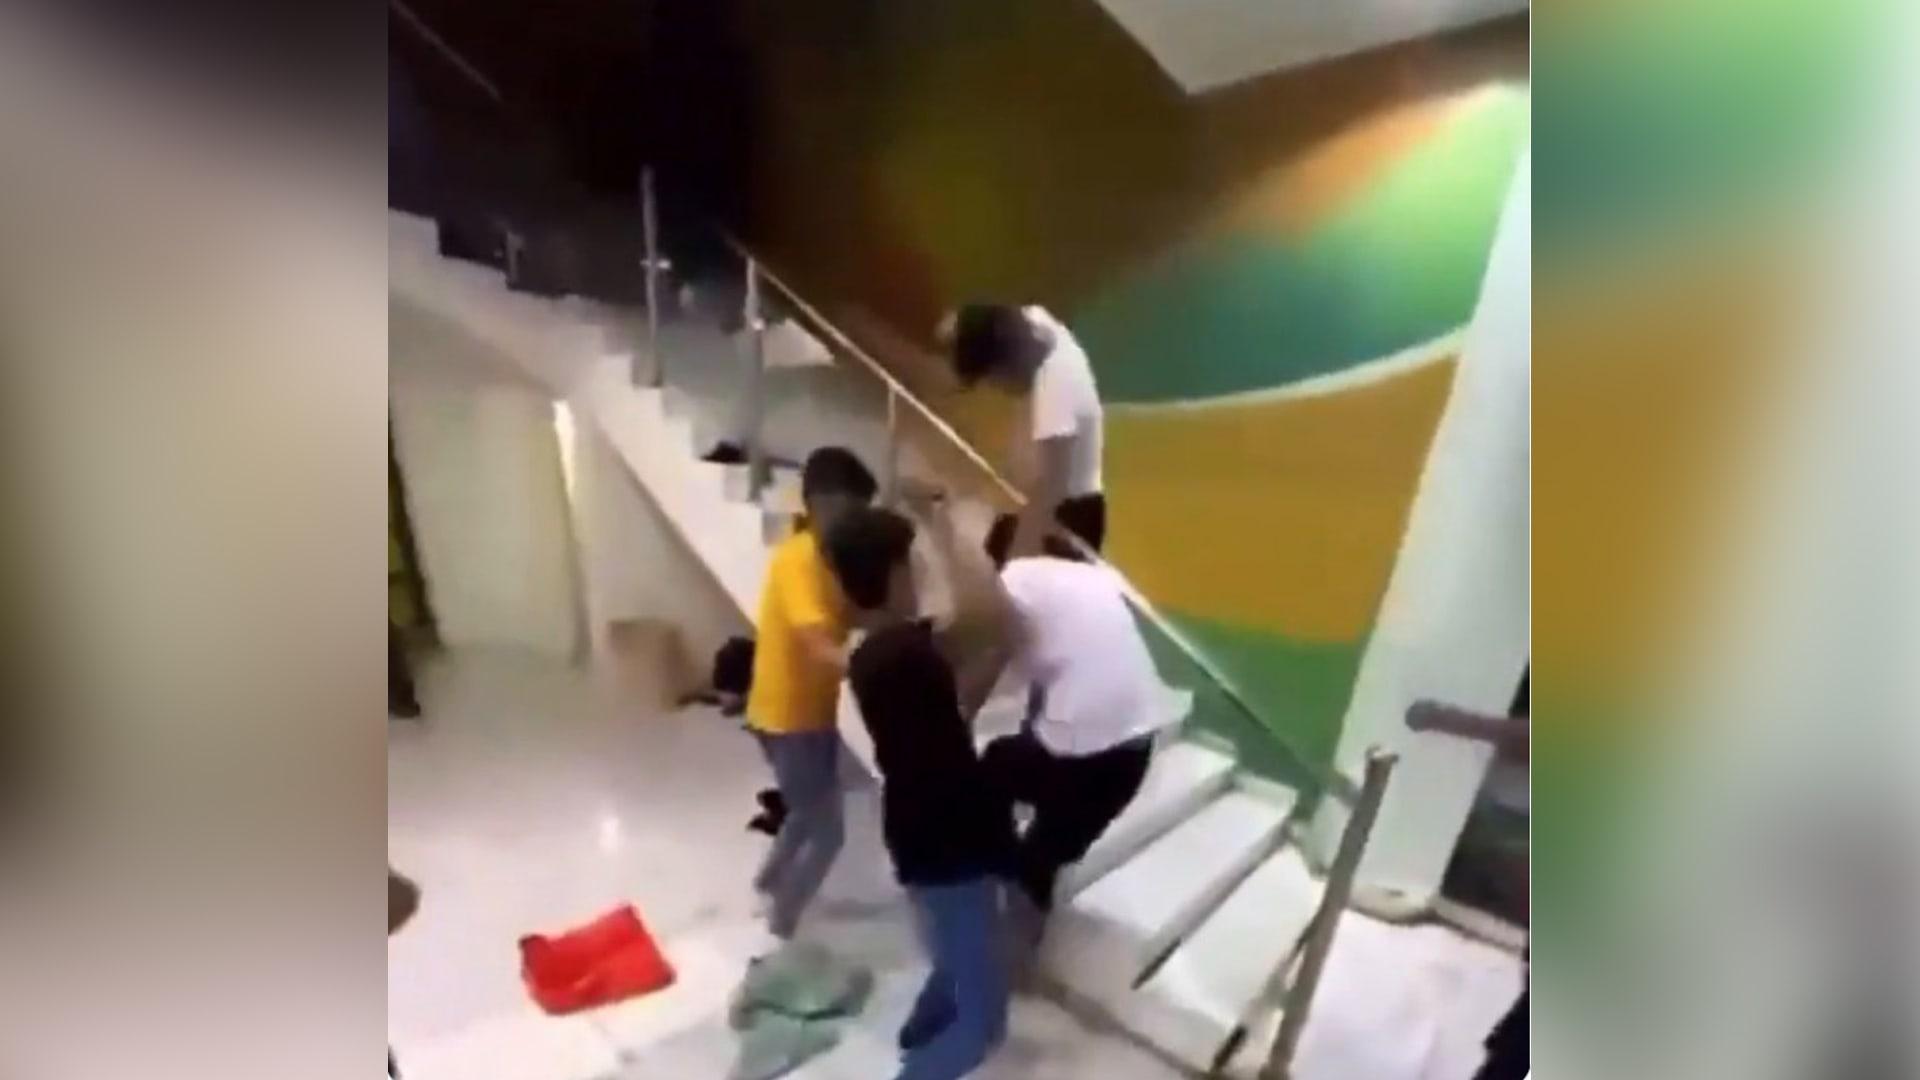 مشهد من الفيديو المتداول للاعتداء على شخص في صالة رياضية بالرياض